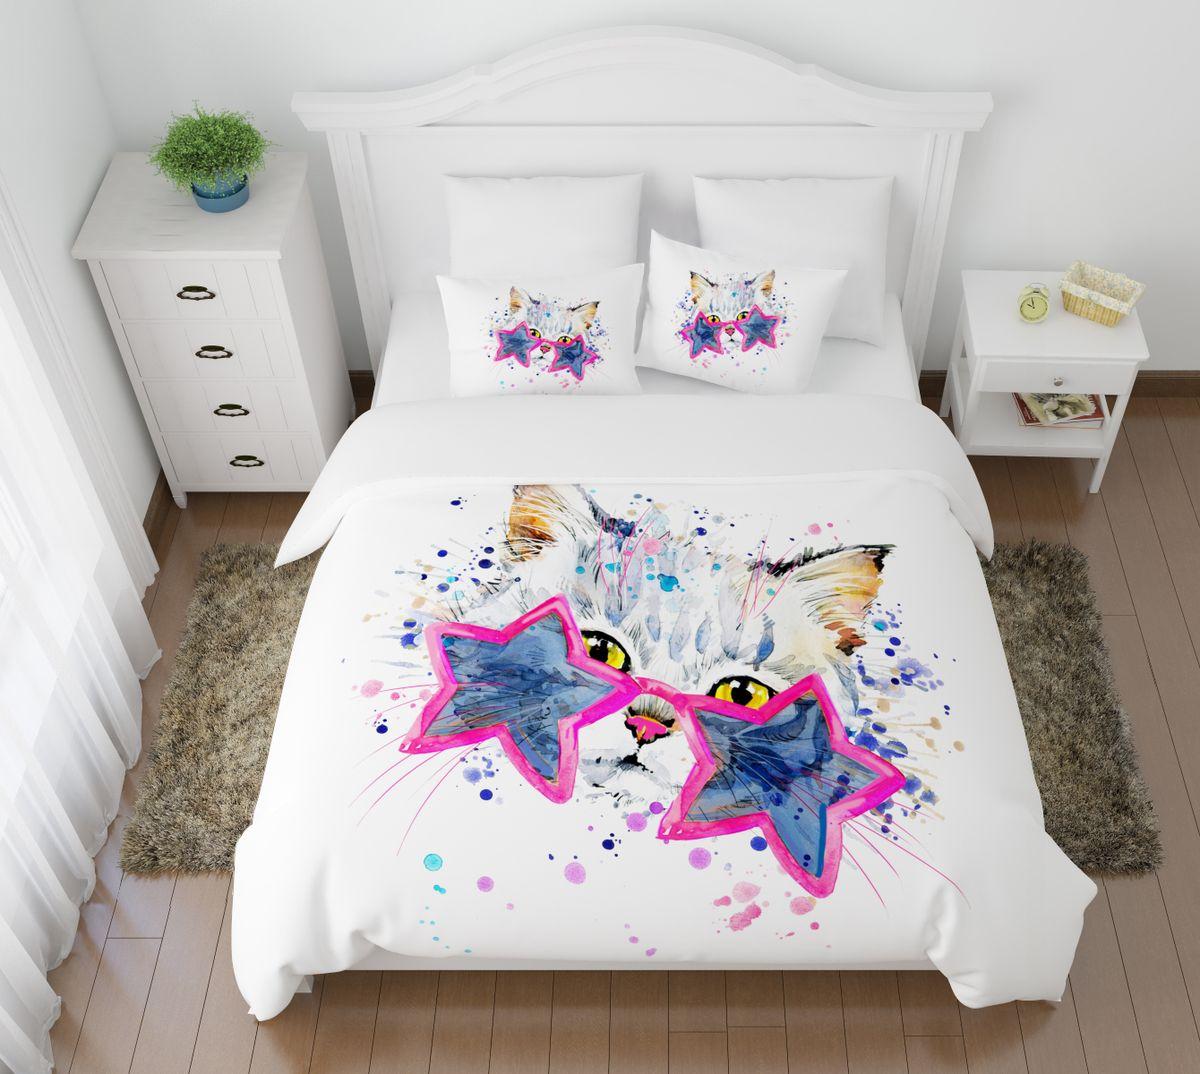 Комплект белья Сирень Звездный кот, 2-спальный, наволочки 50х70391602Комплект постельного белья Сирень выполнен из прочной и мягкой ткани. Четкий и стильный рисунок в сочетании с насыщенными красками делают комплект постельного белья неповторимой изюминкой любого интерьера.Постельное белье идеально подойдет для подарка. Идеальное соотношение смешенной ткани и гипоаллергенных красок - это гарантия здорового, спокойного сна. Ткань хорошо впитывает влагу, надолго сохраняет яркость красок.В комплект входят: простынь, пододеяльник, две наволочки. Постельное белье легко стирать при 30-40°С, гладить при 150°С, не отбеливать. Рекомендуется перед первым использованием постирать.УВАЖАЕМЫЕ КЛИЕНТЫ! Обращаем ваше внимание, что цвет простыни, пододеяльника, наволочки в комплектации может немного отличаться от представленного на фото.